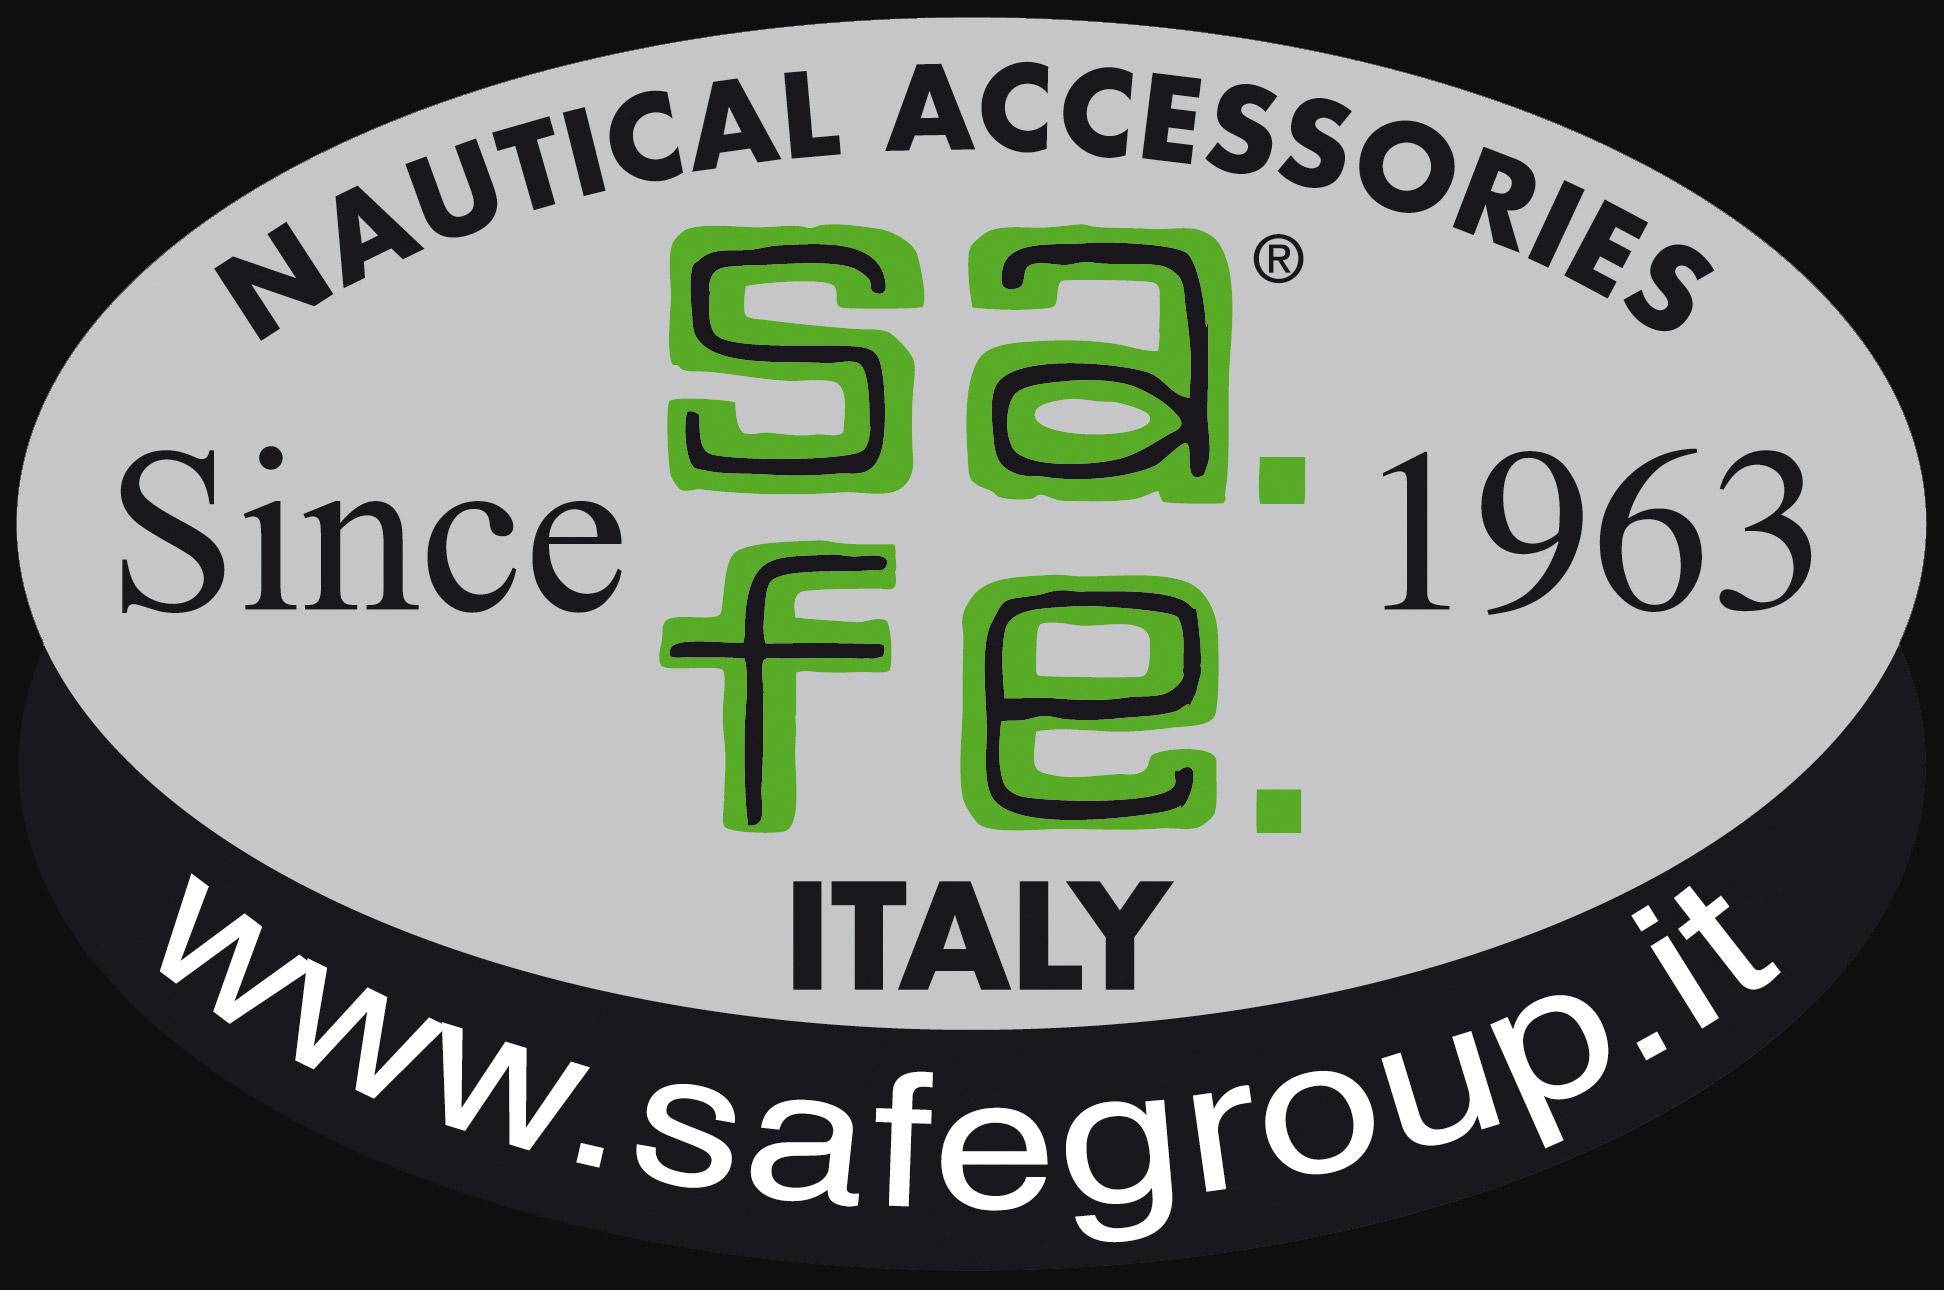 Sa. Fe. Group